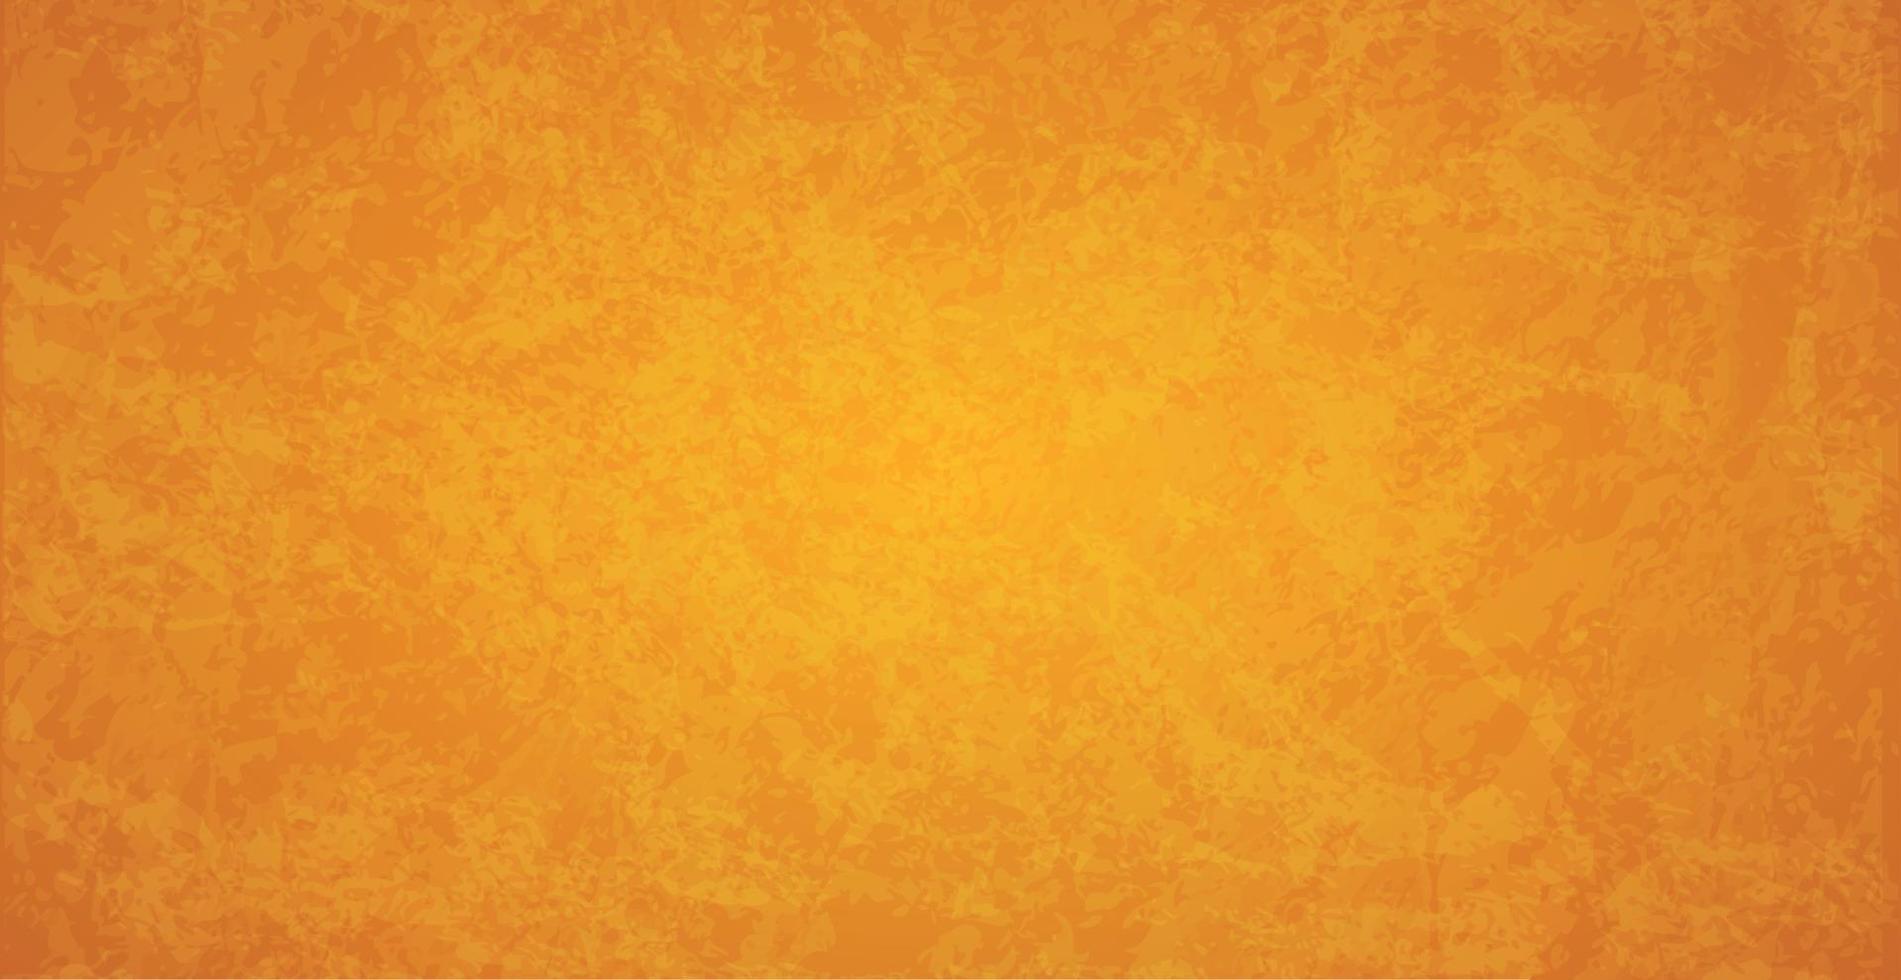 arancione astratto testurizzati sfondo web grunge - vettore